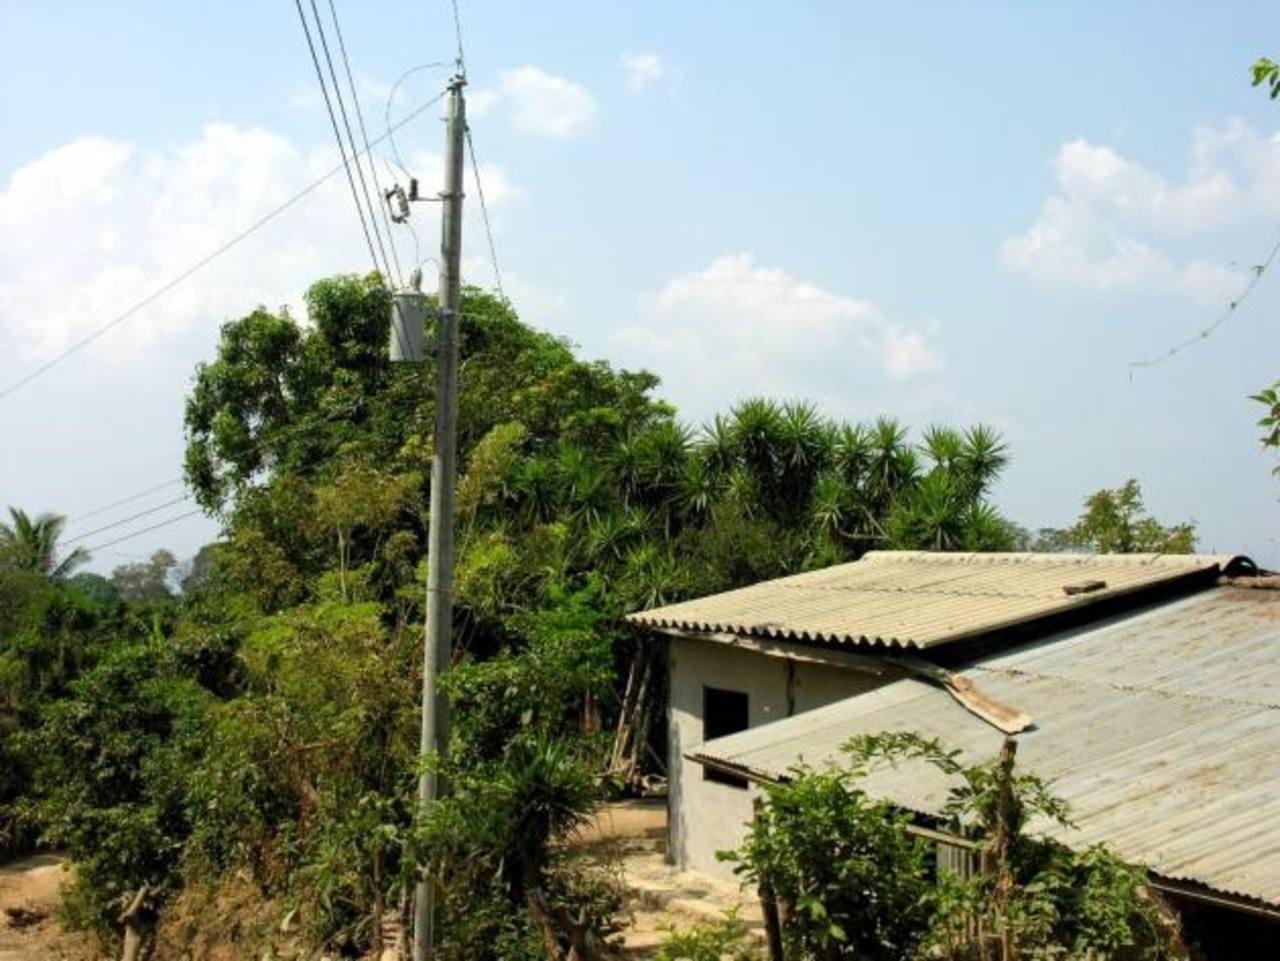 AES también llevó proyectos educativos y ambientales en zonas rurales. Foto edh / ARCHIVO